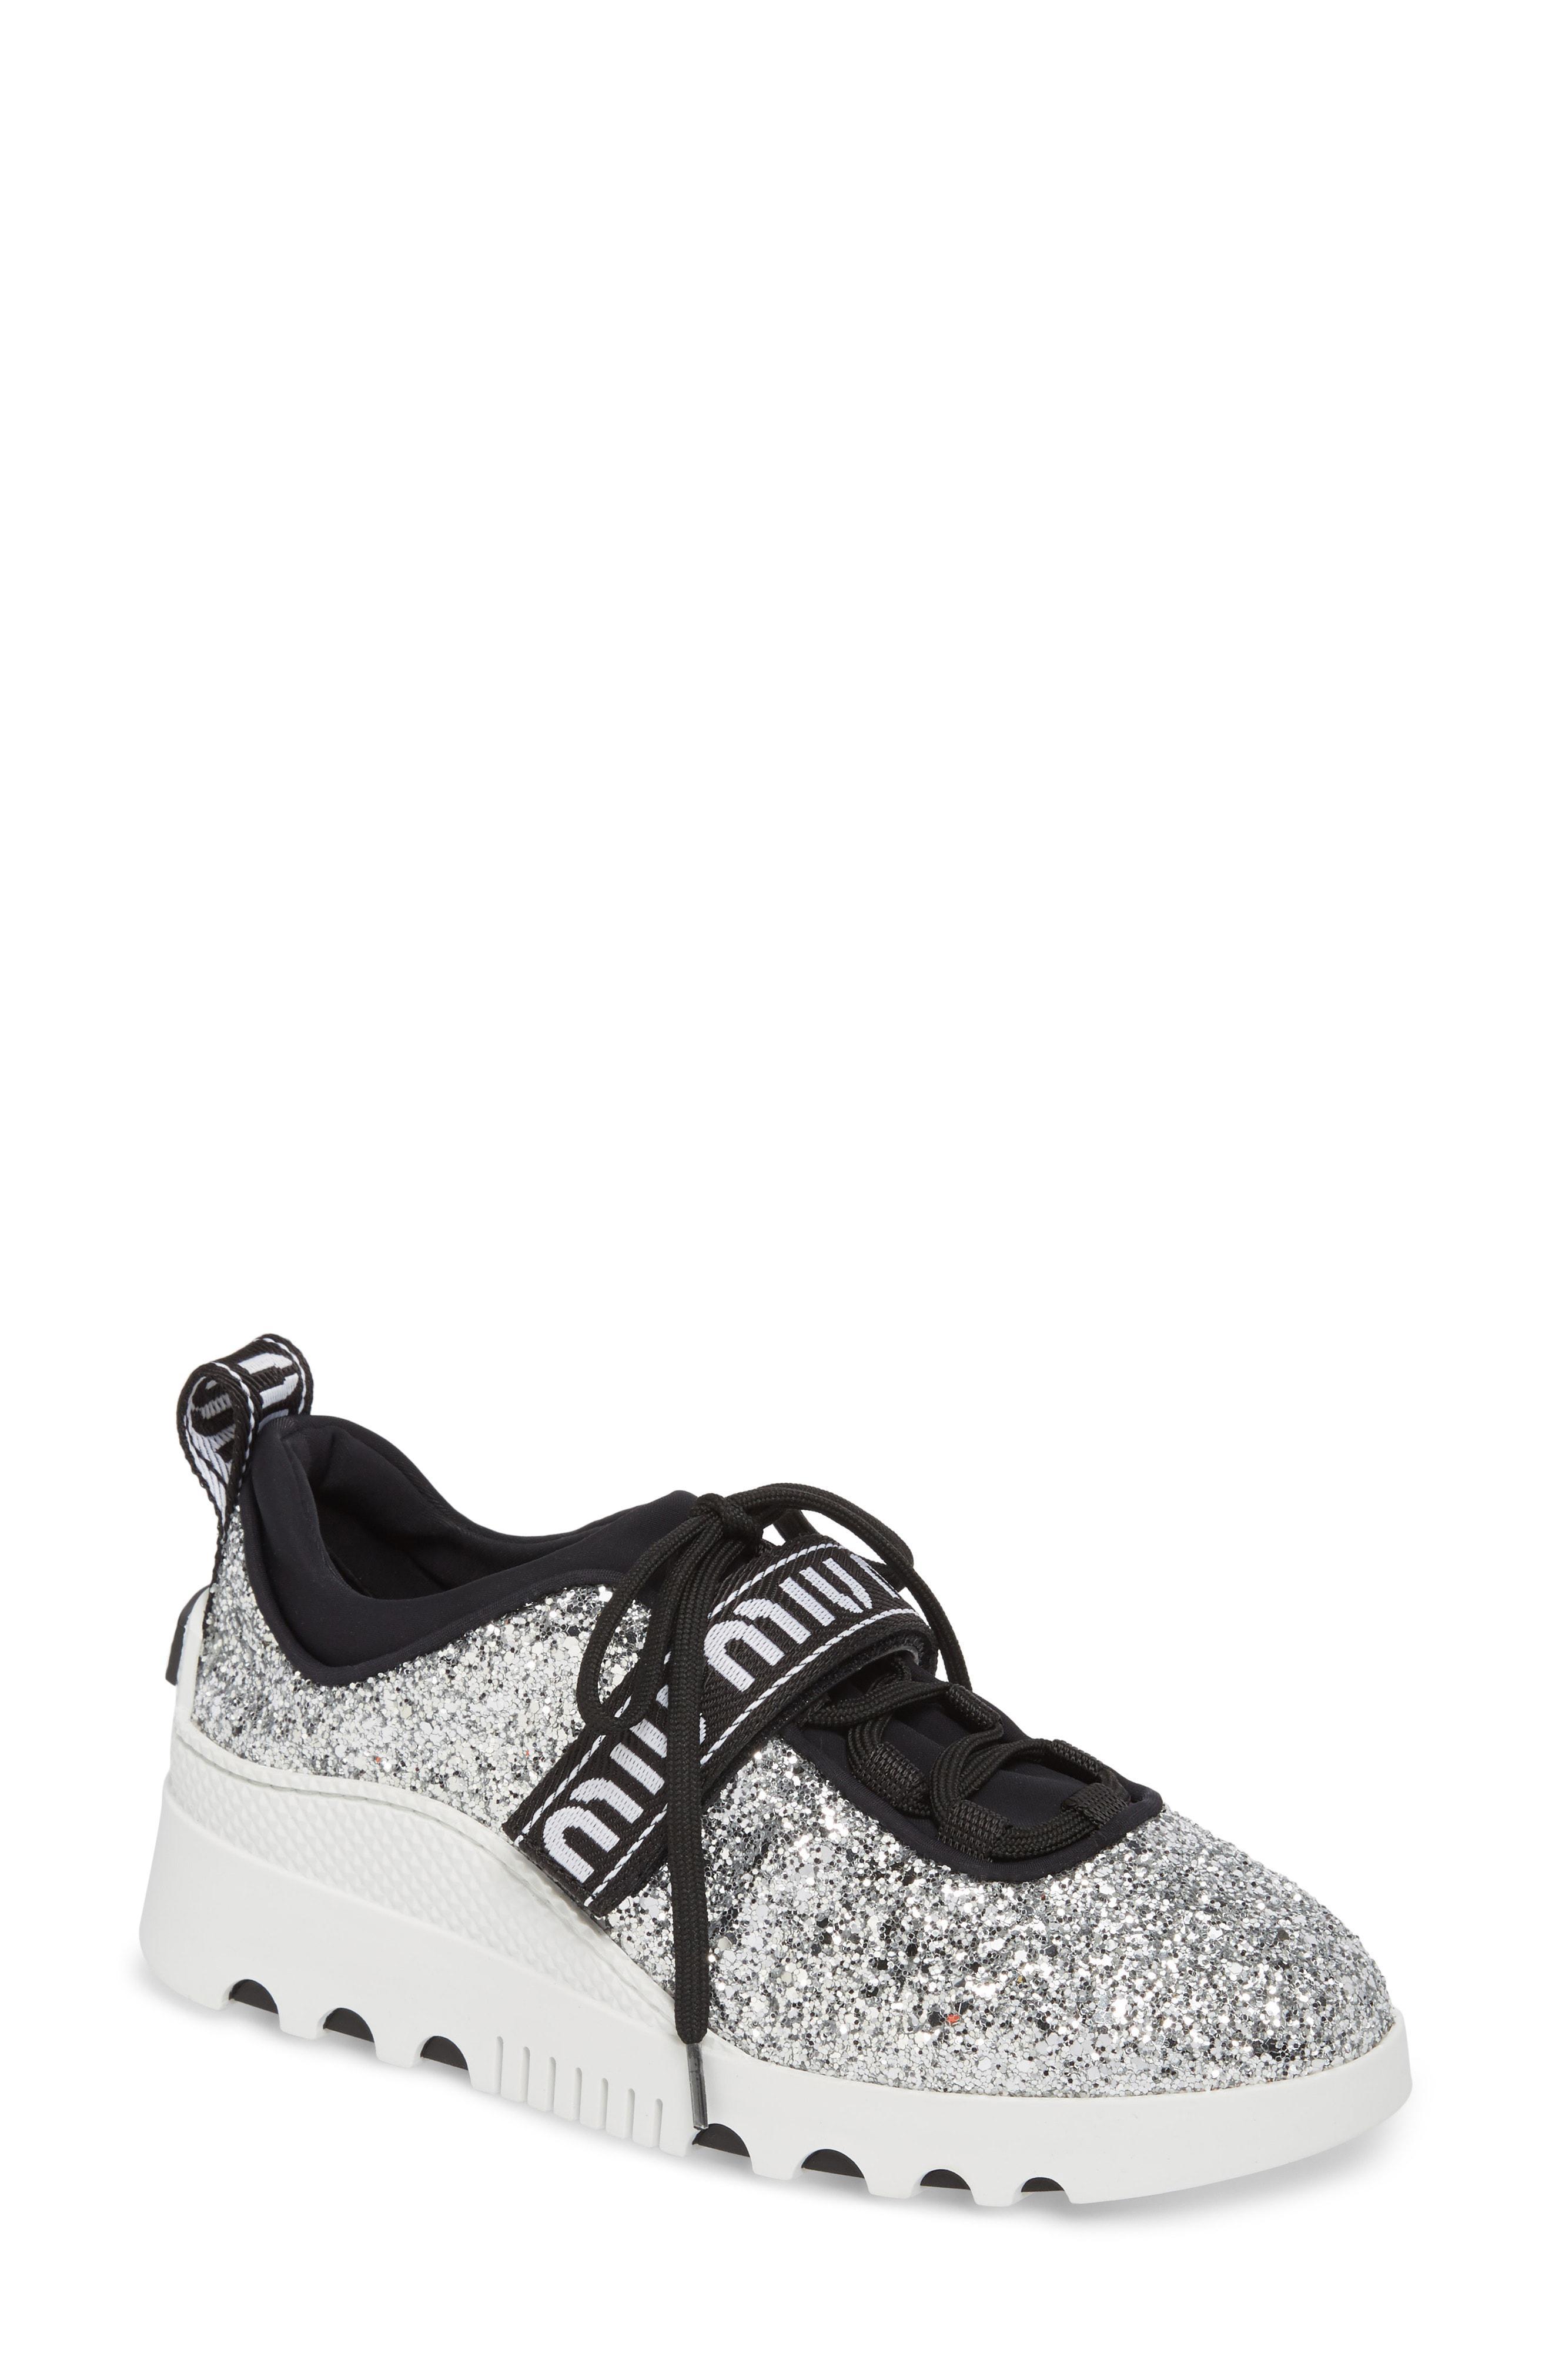 Lyst - Miu Miu Logo Strap Platform Sneaker in Metallic 5e48910d7e6